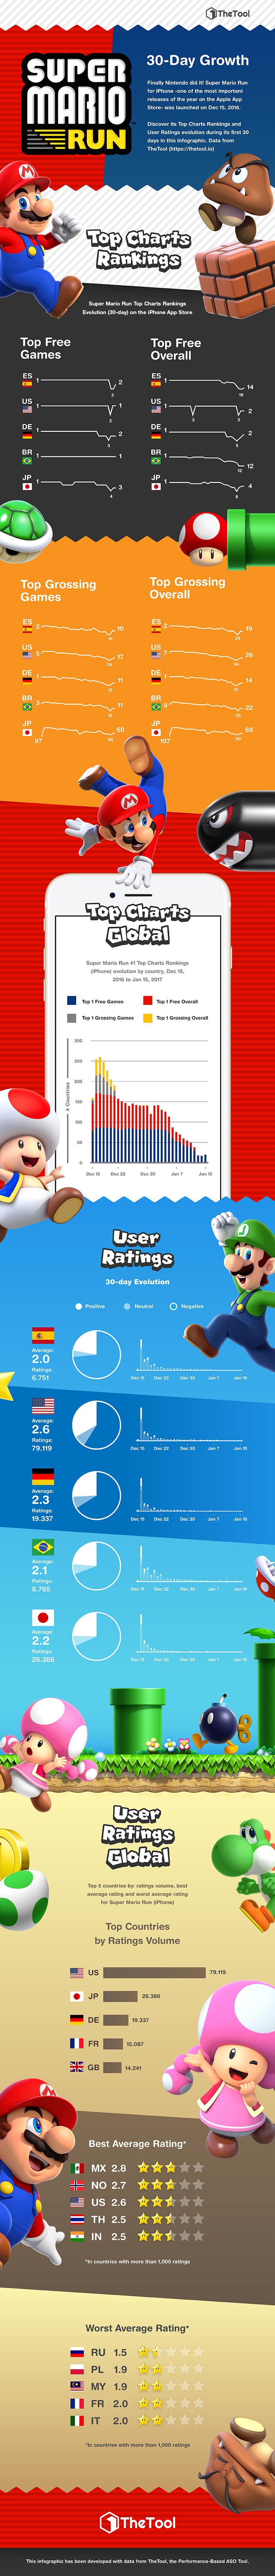 Infografia Super Mario Run